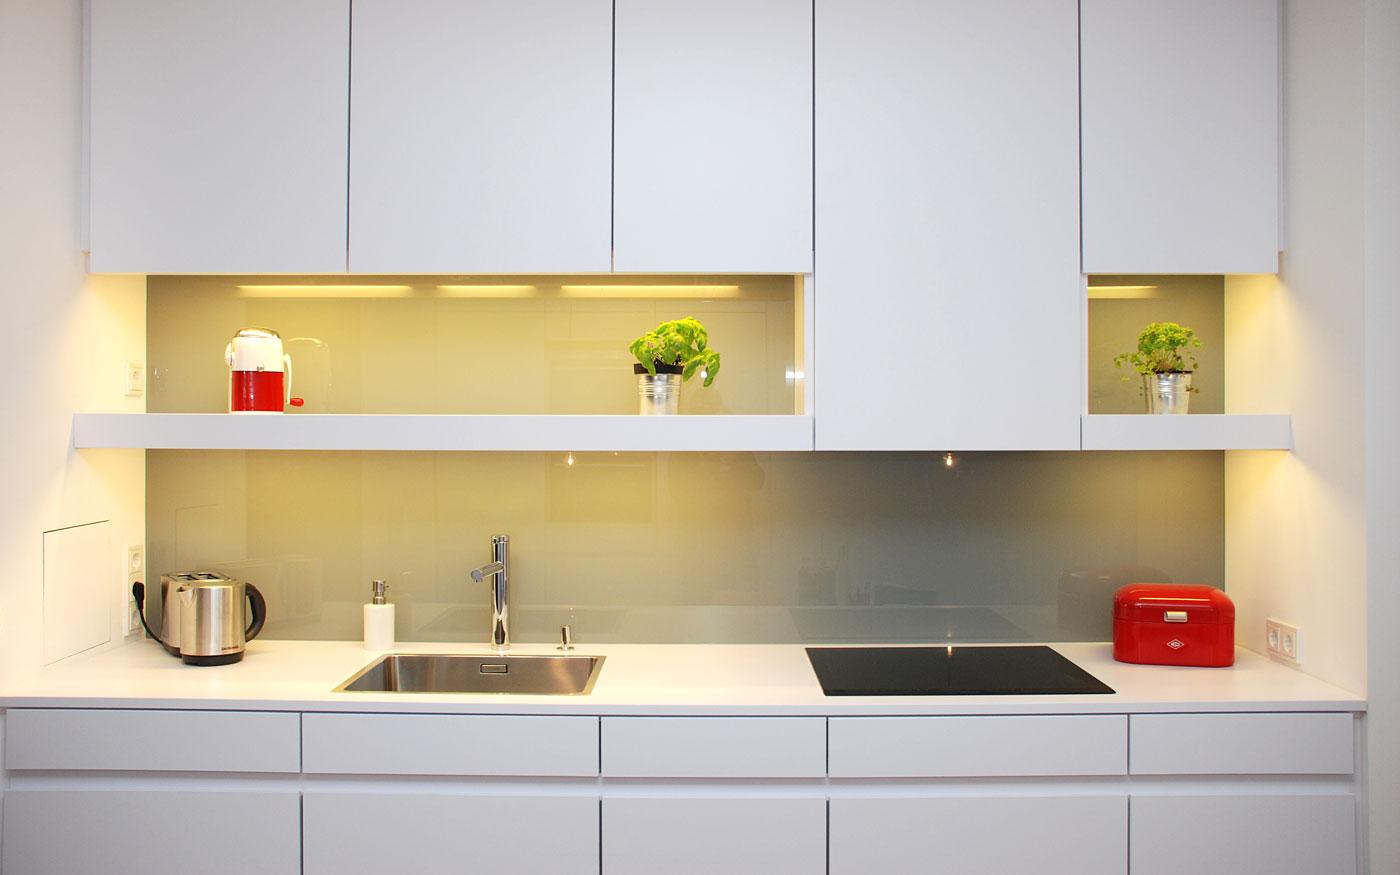 Weiße Küche, Tischler-Arbeit